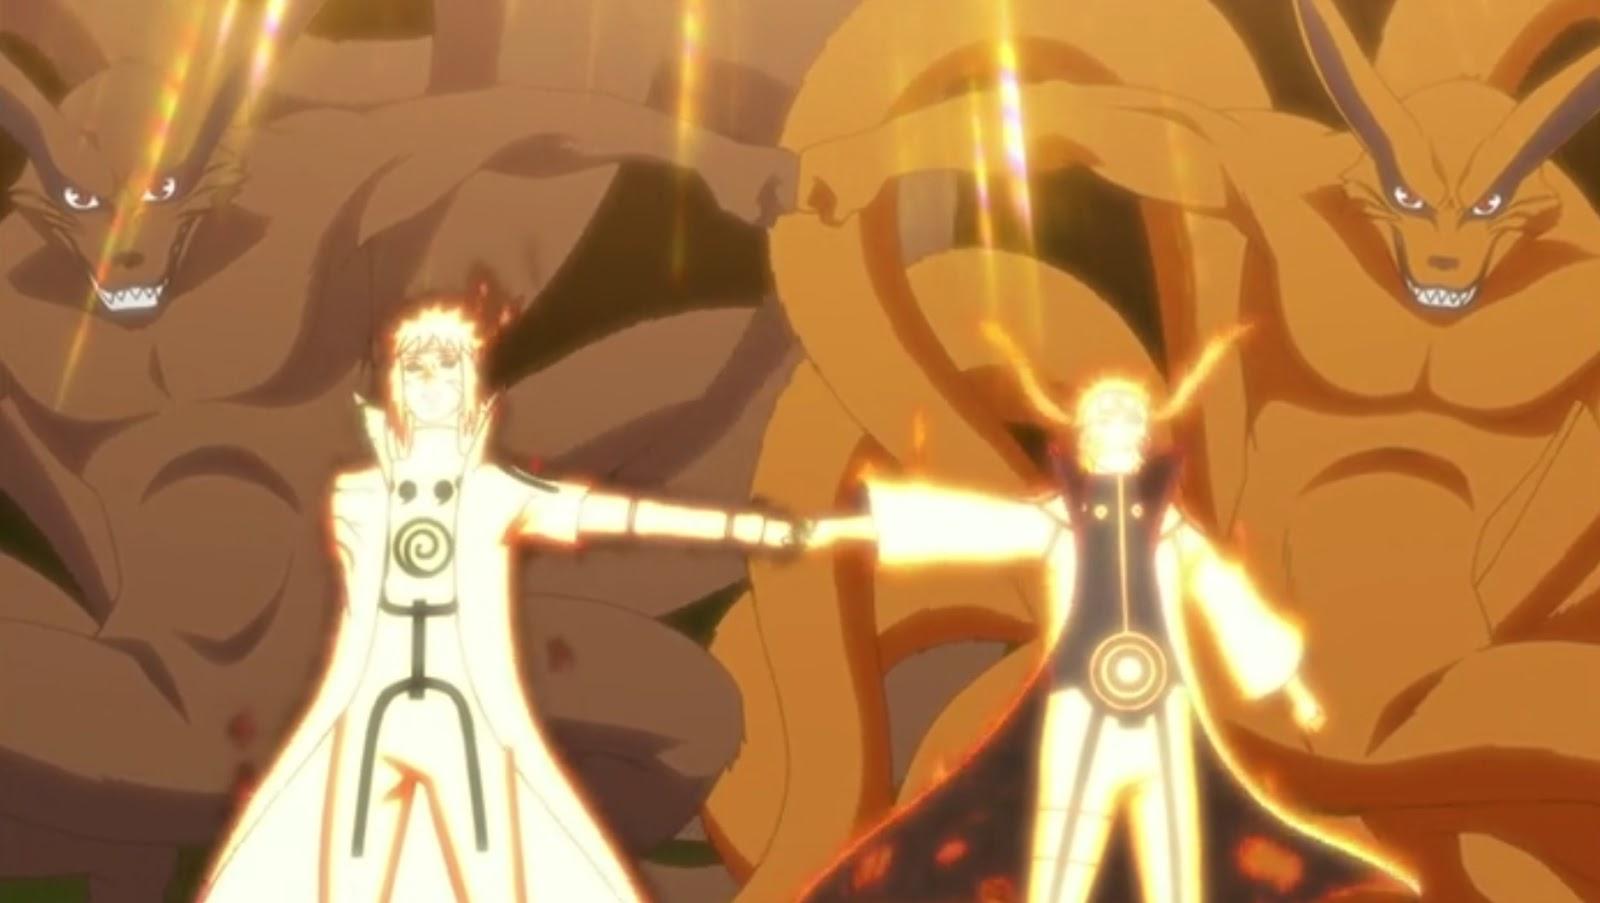 Naruto Shippuden Episódio 380, Assistir Naruto Shippuden Episódio 380, Assistir Naruto Shippuden Todos os Episódios Legendado, Naruto Shippuden episódio 380,HD